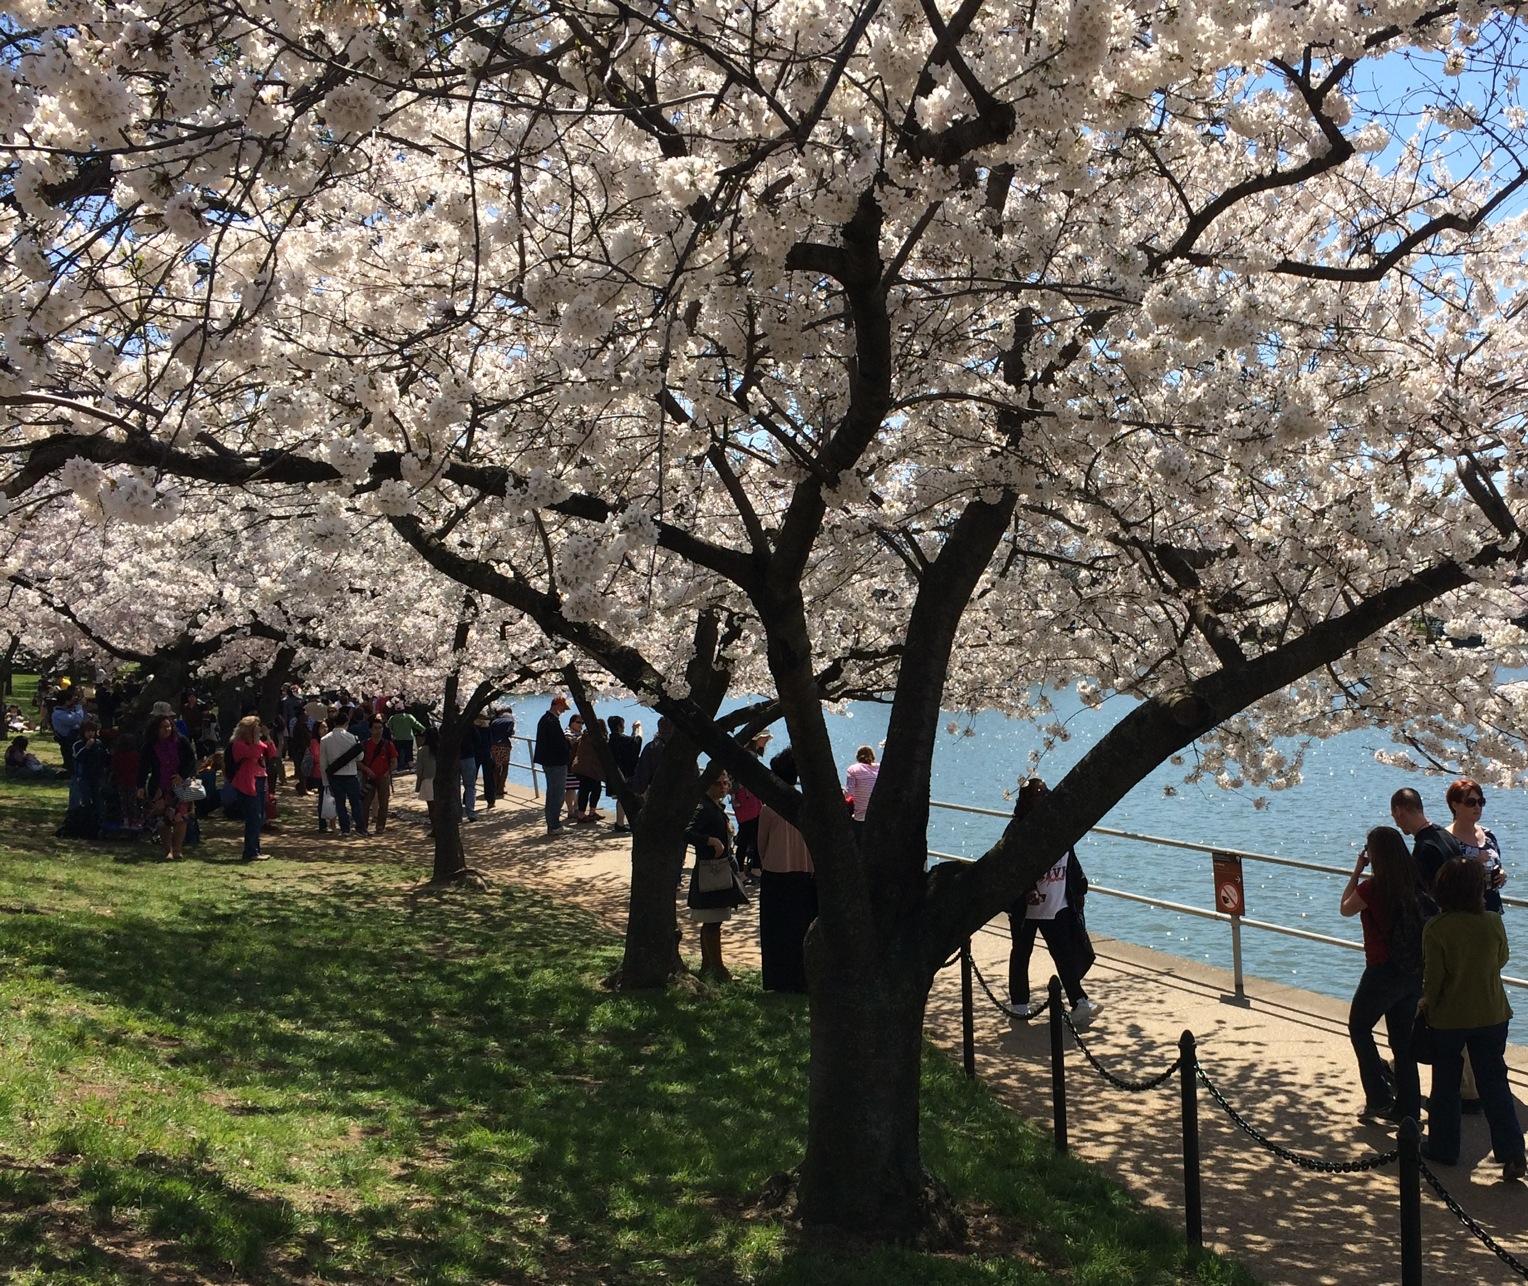 Locals navigate cherry blossom crowds during peak bloom